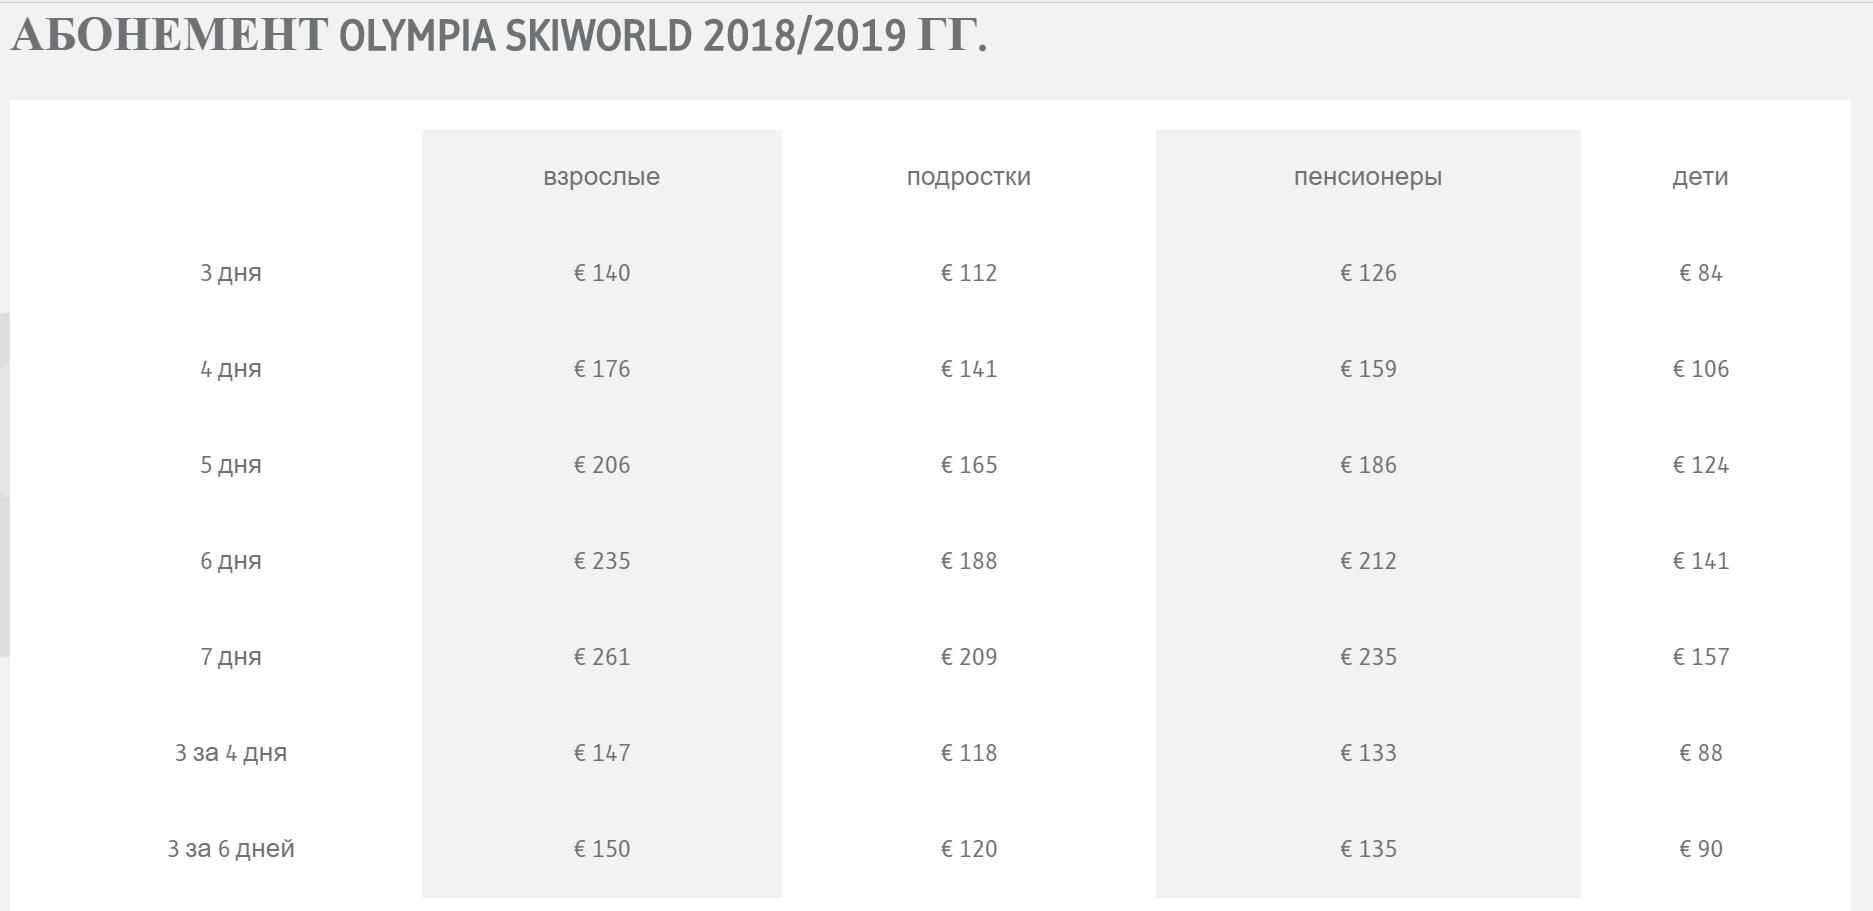 Цена на ски-пасс в Инсбруке